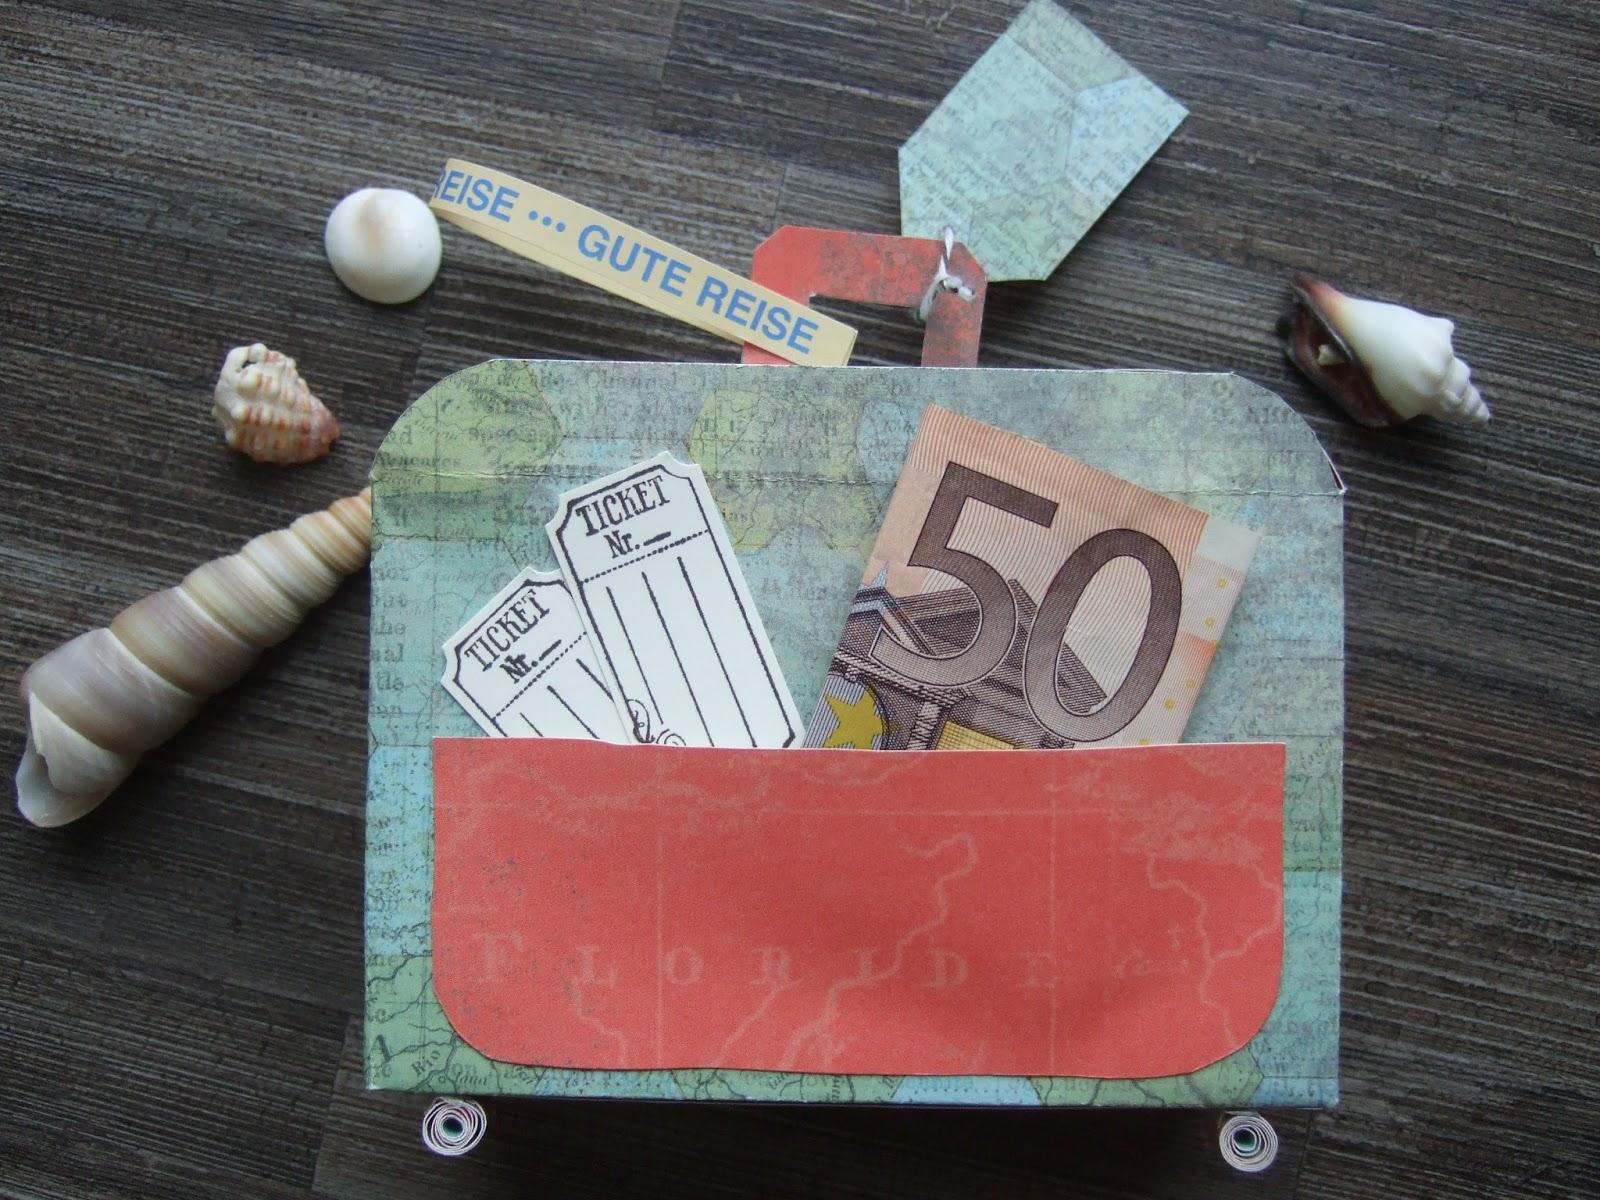 Geburtstagsspruch Urlaubskasse Geldgeschenk Vionastacycilia Site